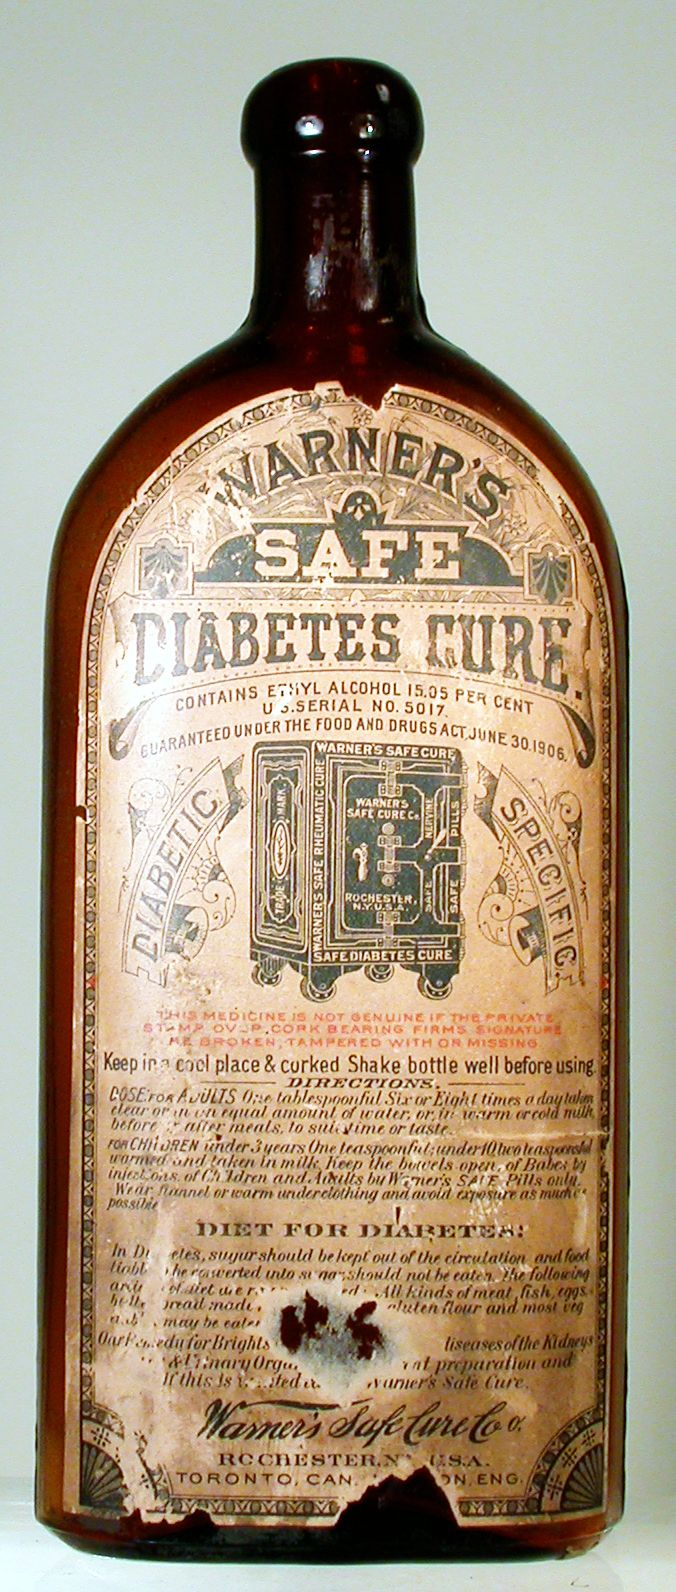 Dating medicine bottles